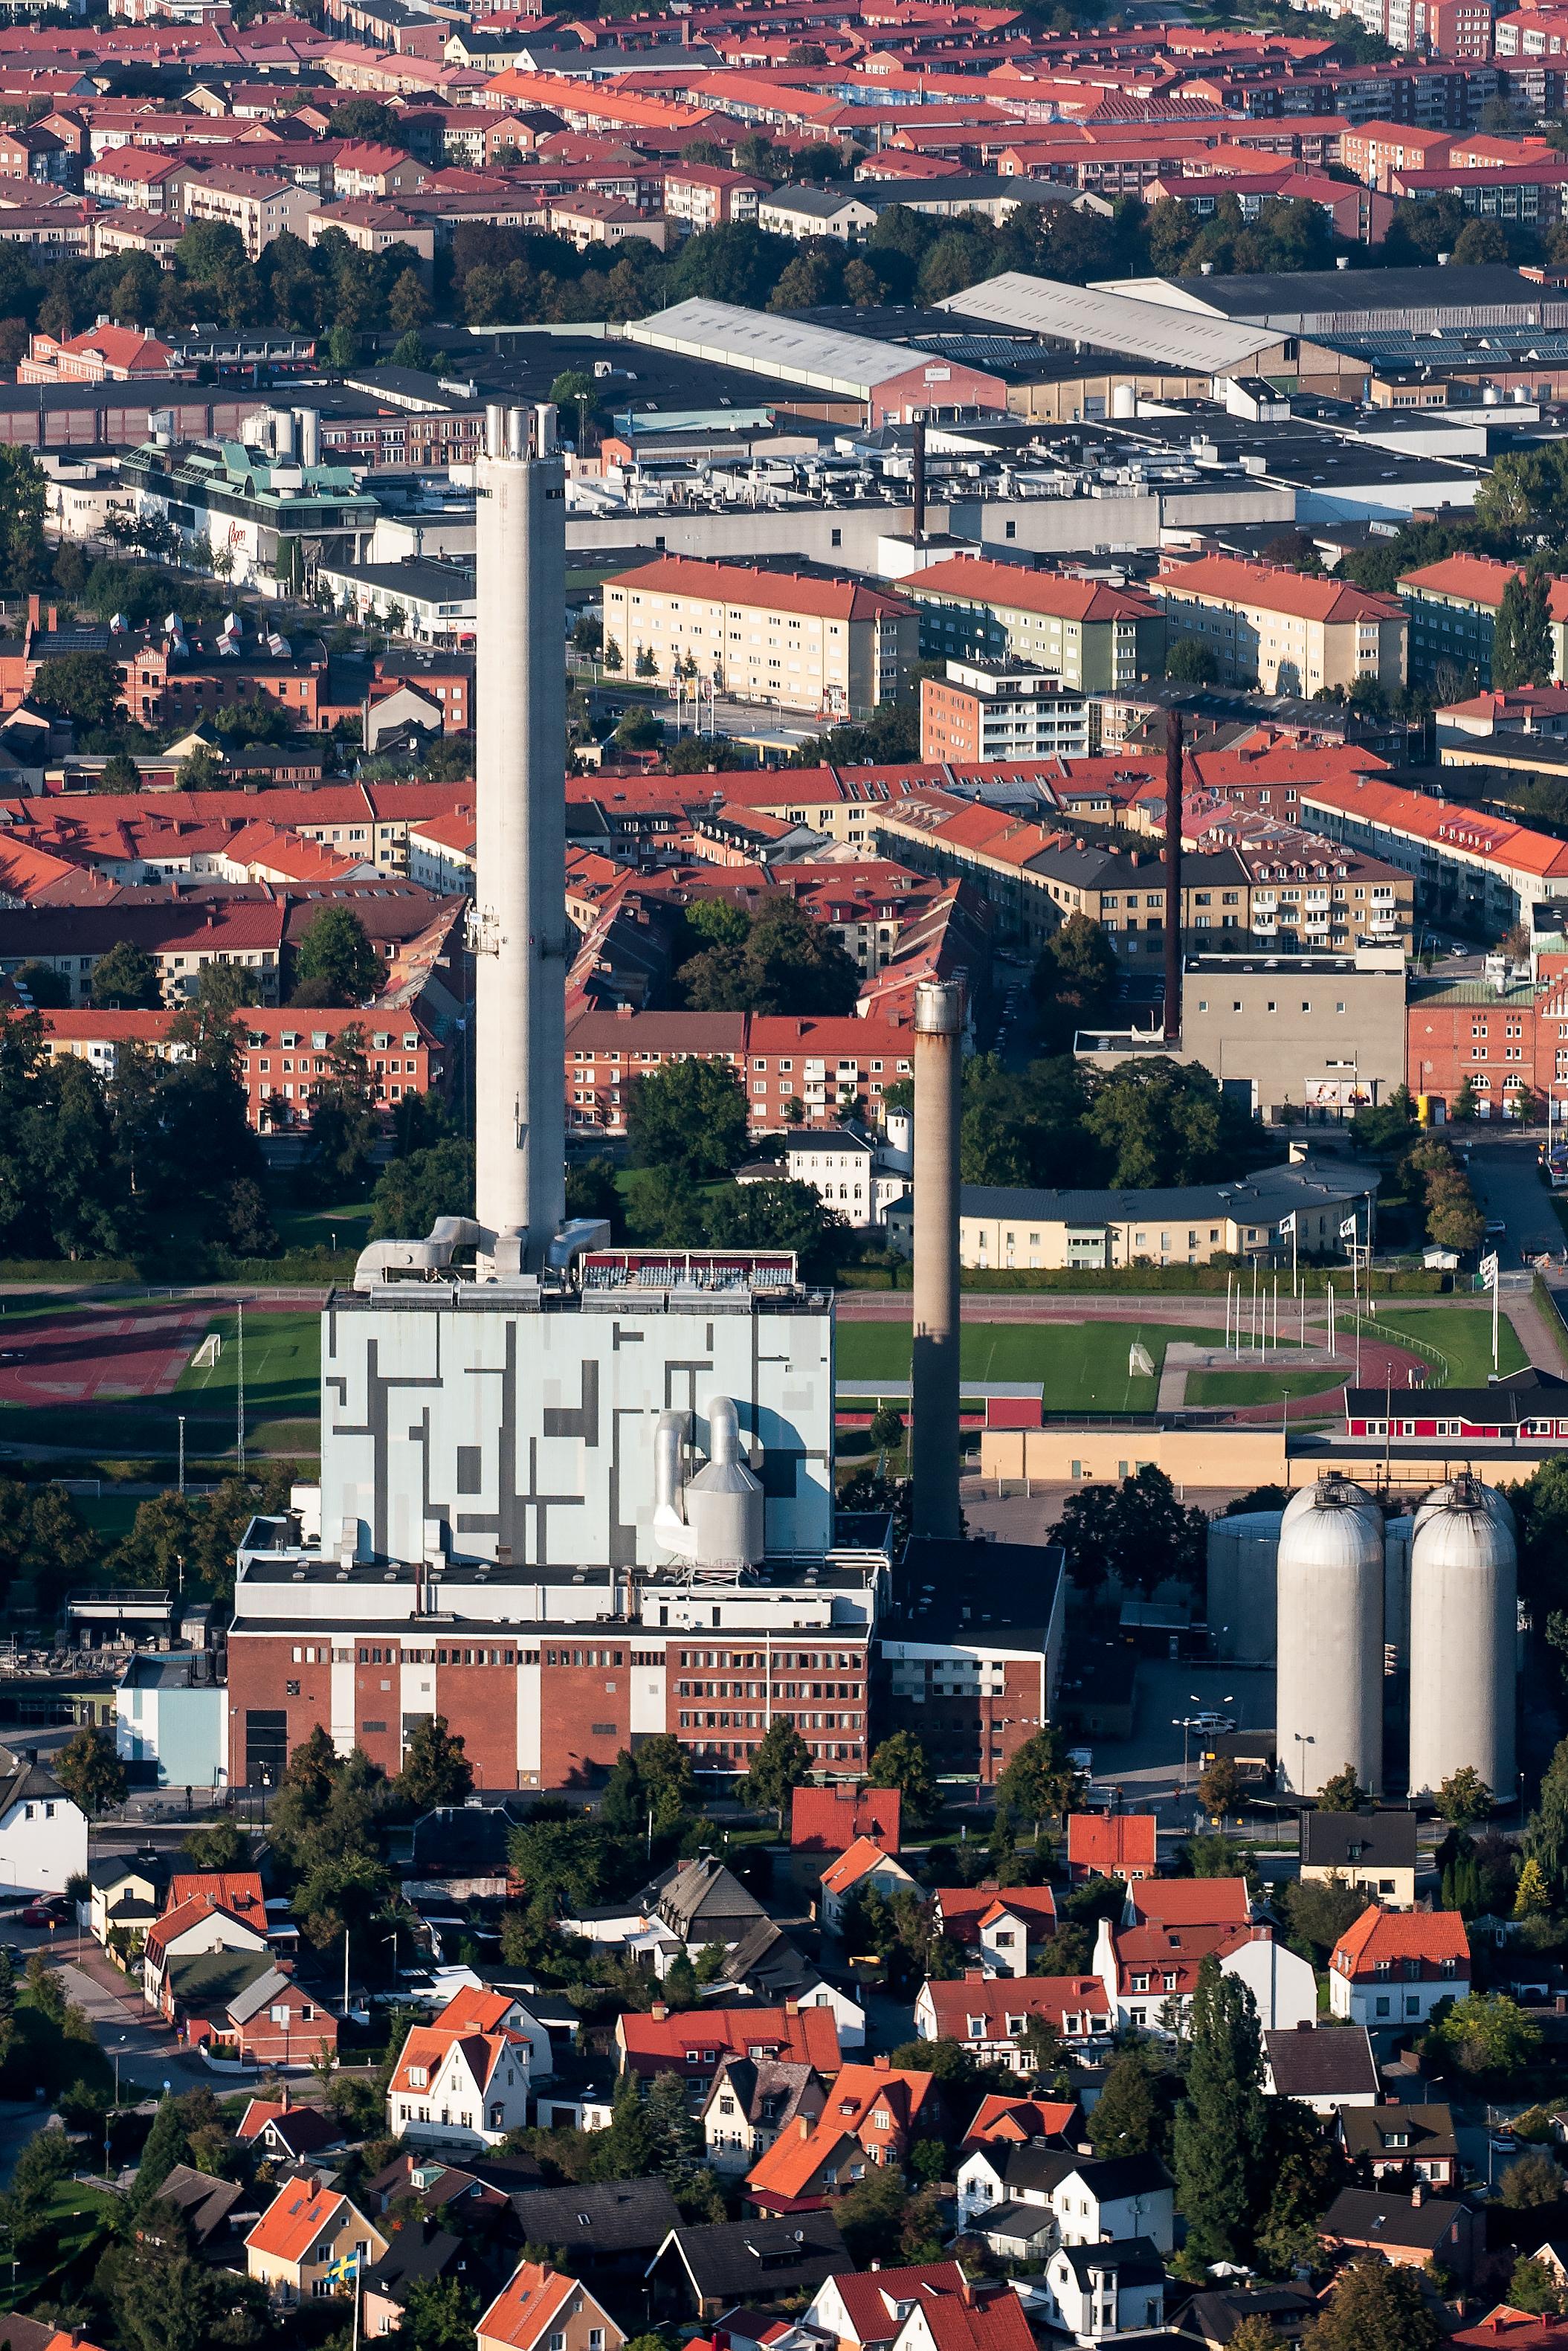 Heleneholmsverket